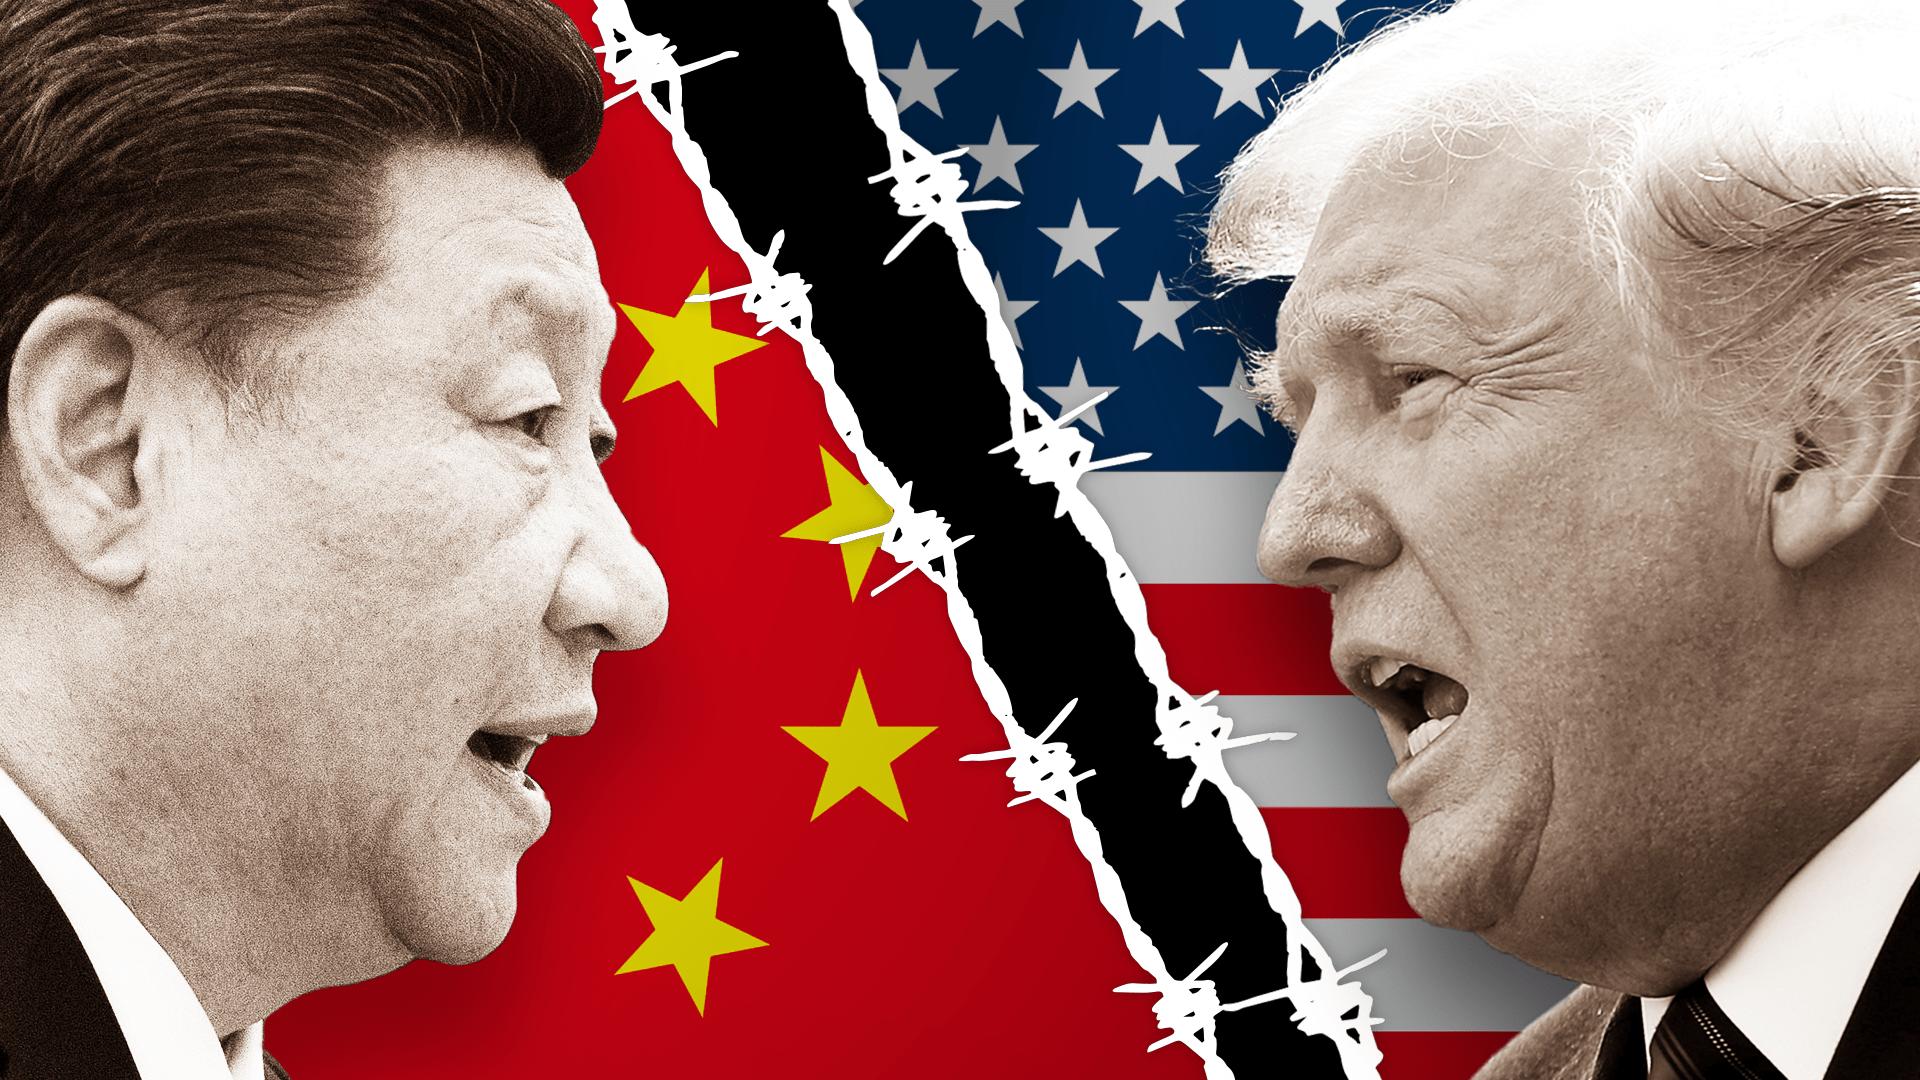 Durante e dopo il covid. Come la guerra di propaganda tra Usa e Cina sta cambiando le università nel mondo